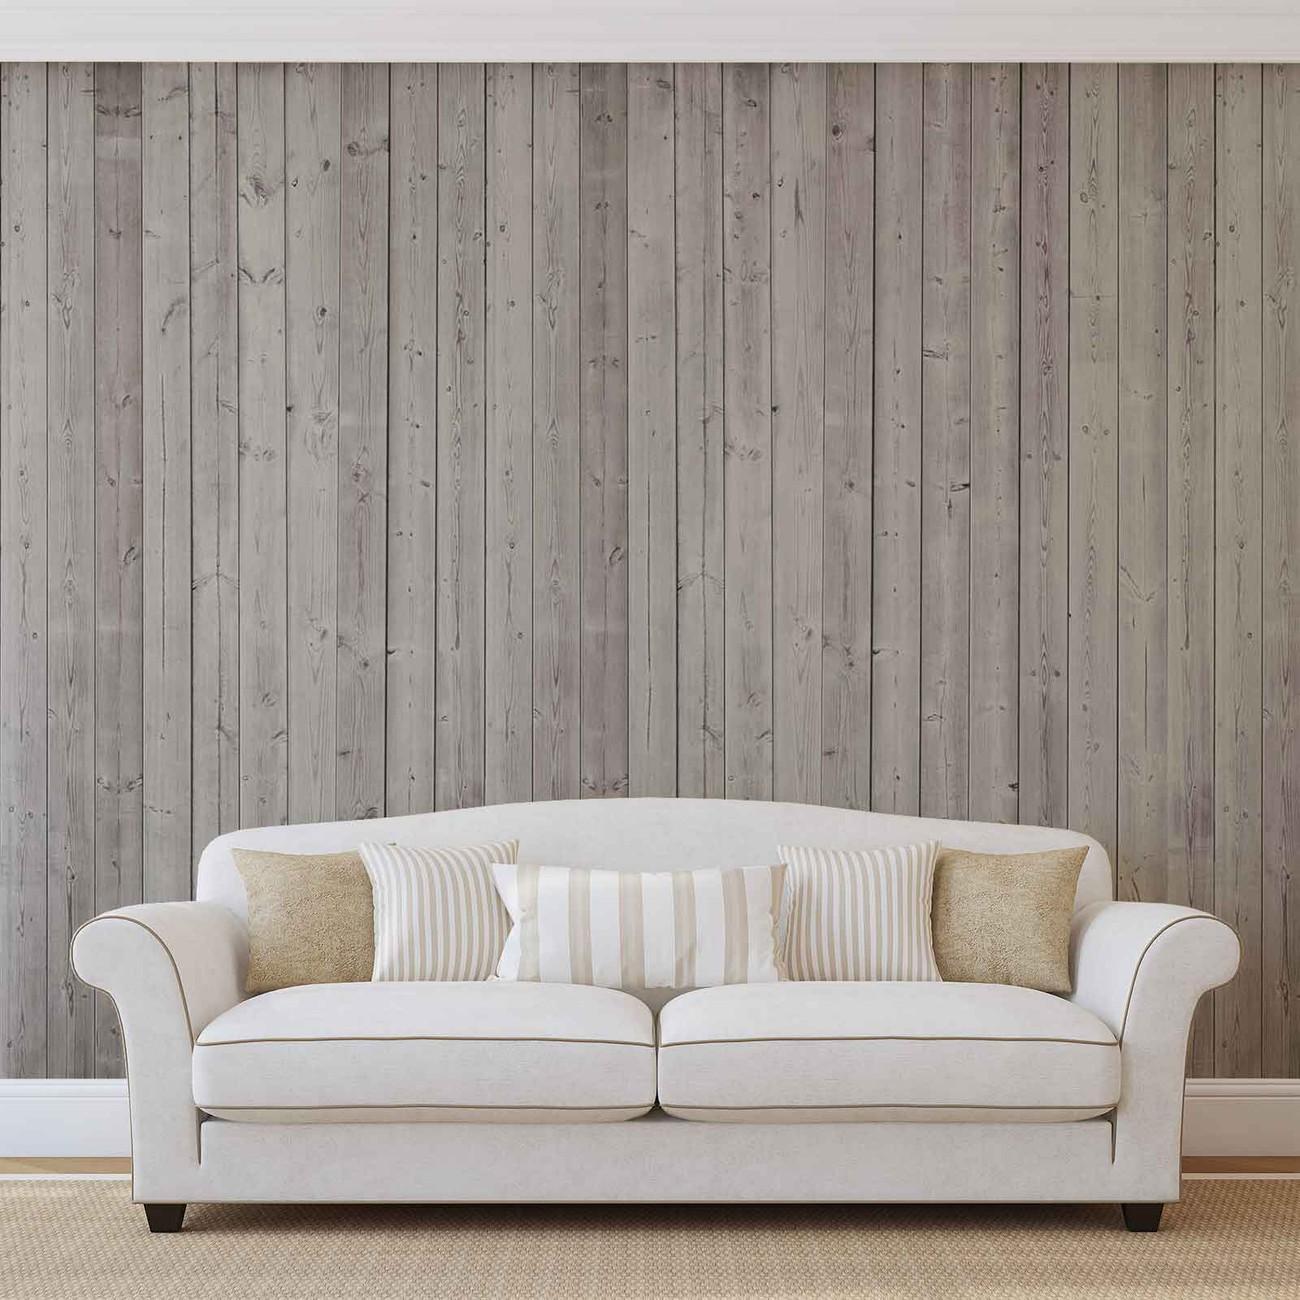 Planches de bois poster mural papier peint acheter le - Planche bois flotte acheter ...